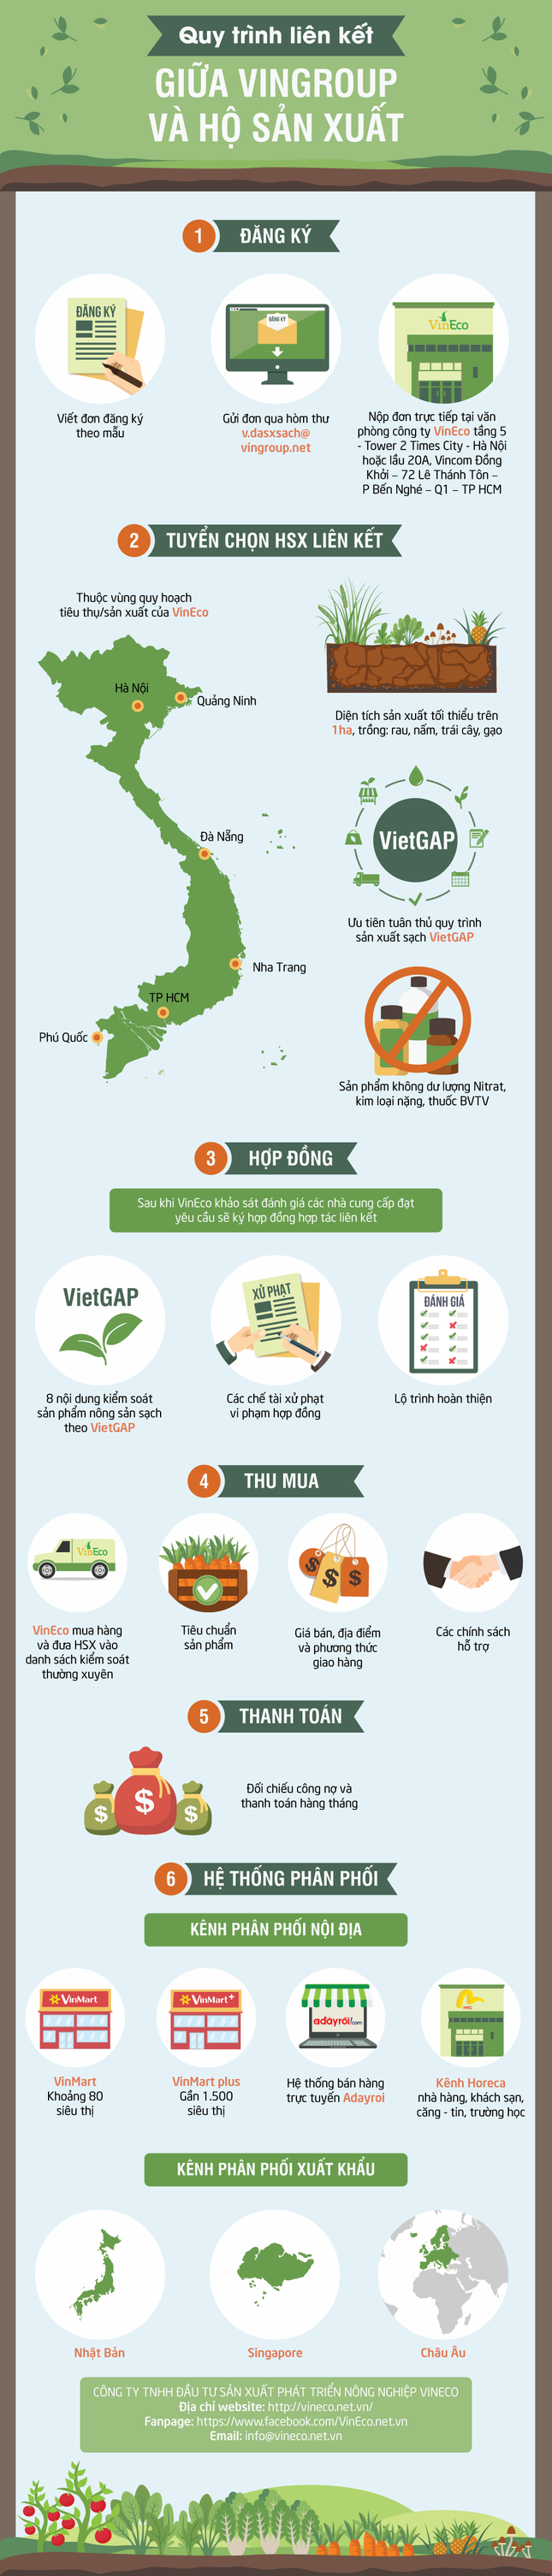 Mục sở thị mô hình liên kết nâng chất nông sản Việt - ảnh 1